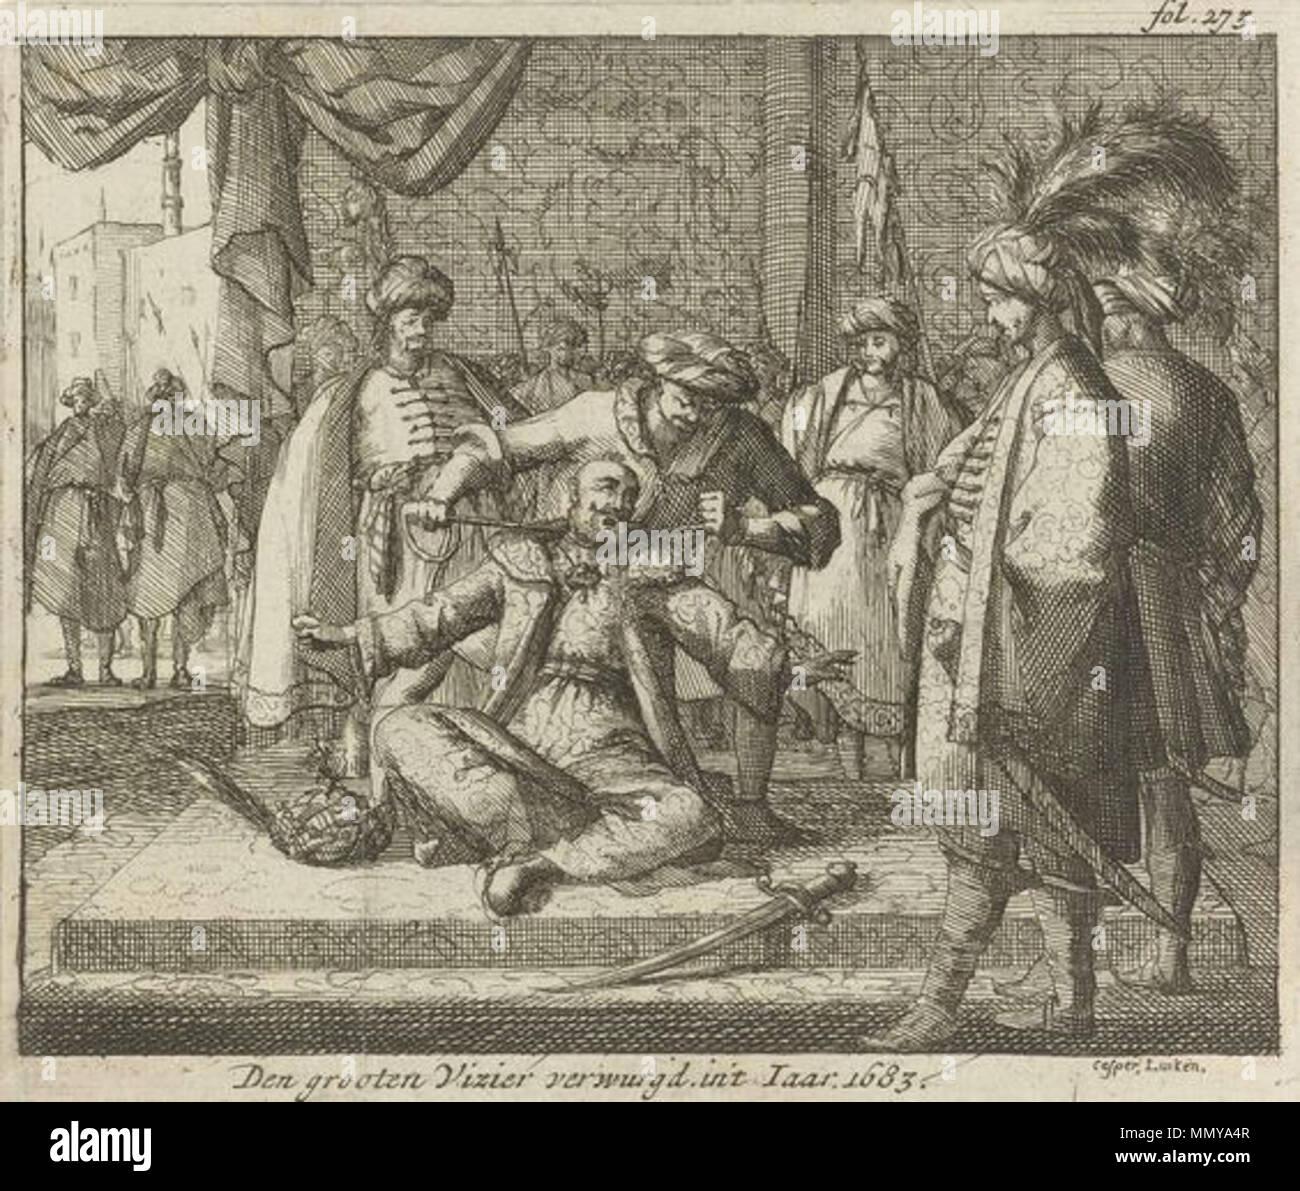 Nederlands: Grootvizier Kara Mustafa met een zijden koord gewurgd, 1683 . 2  January .